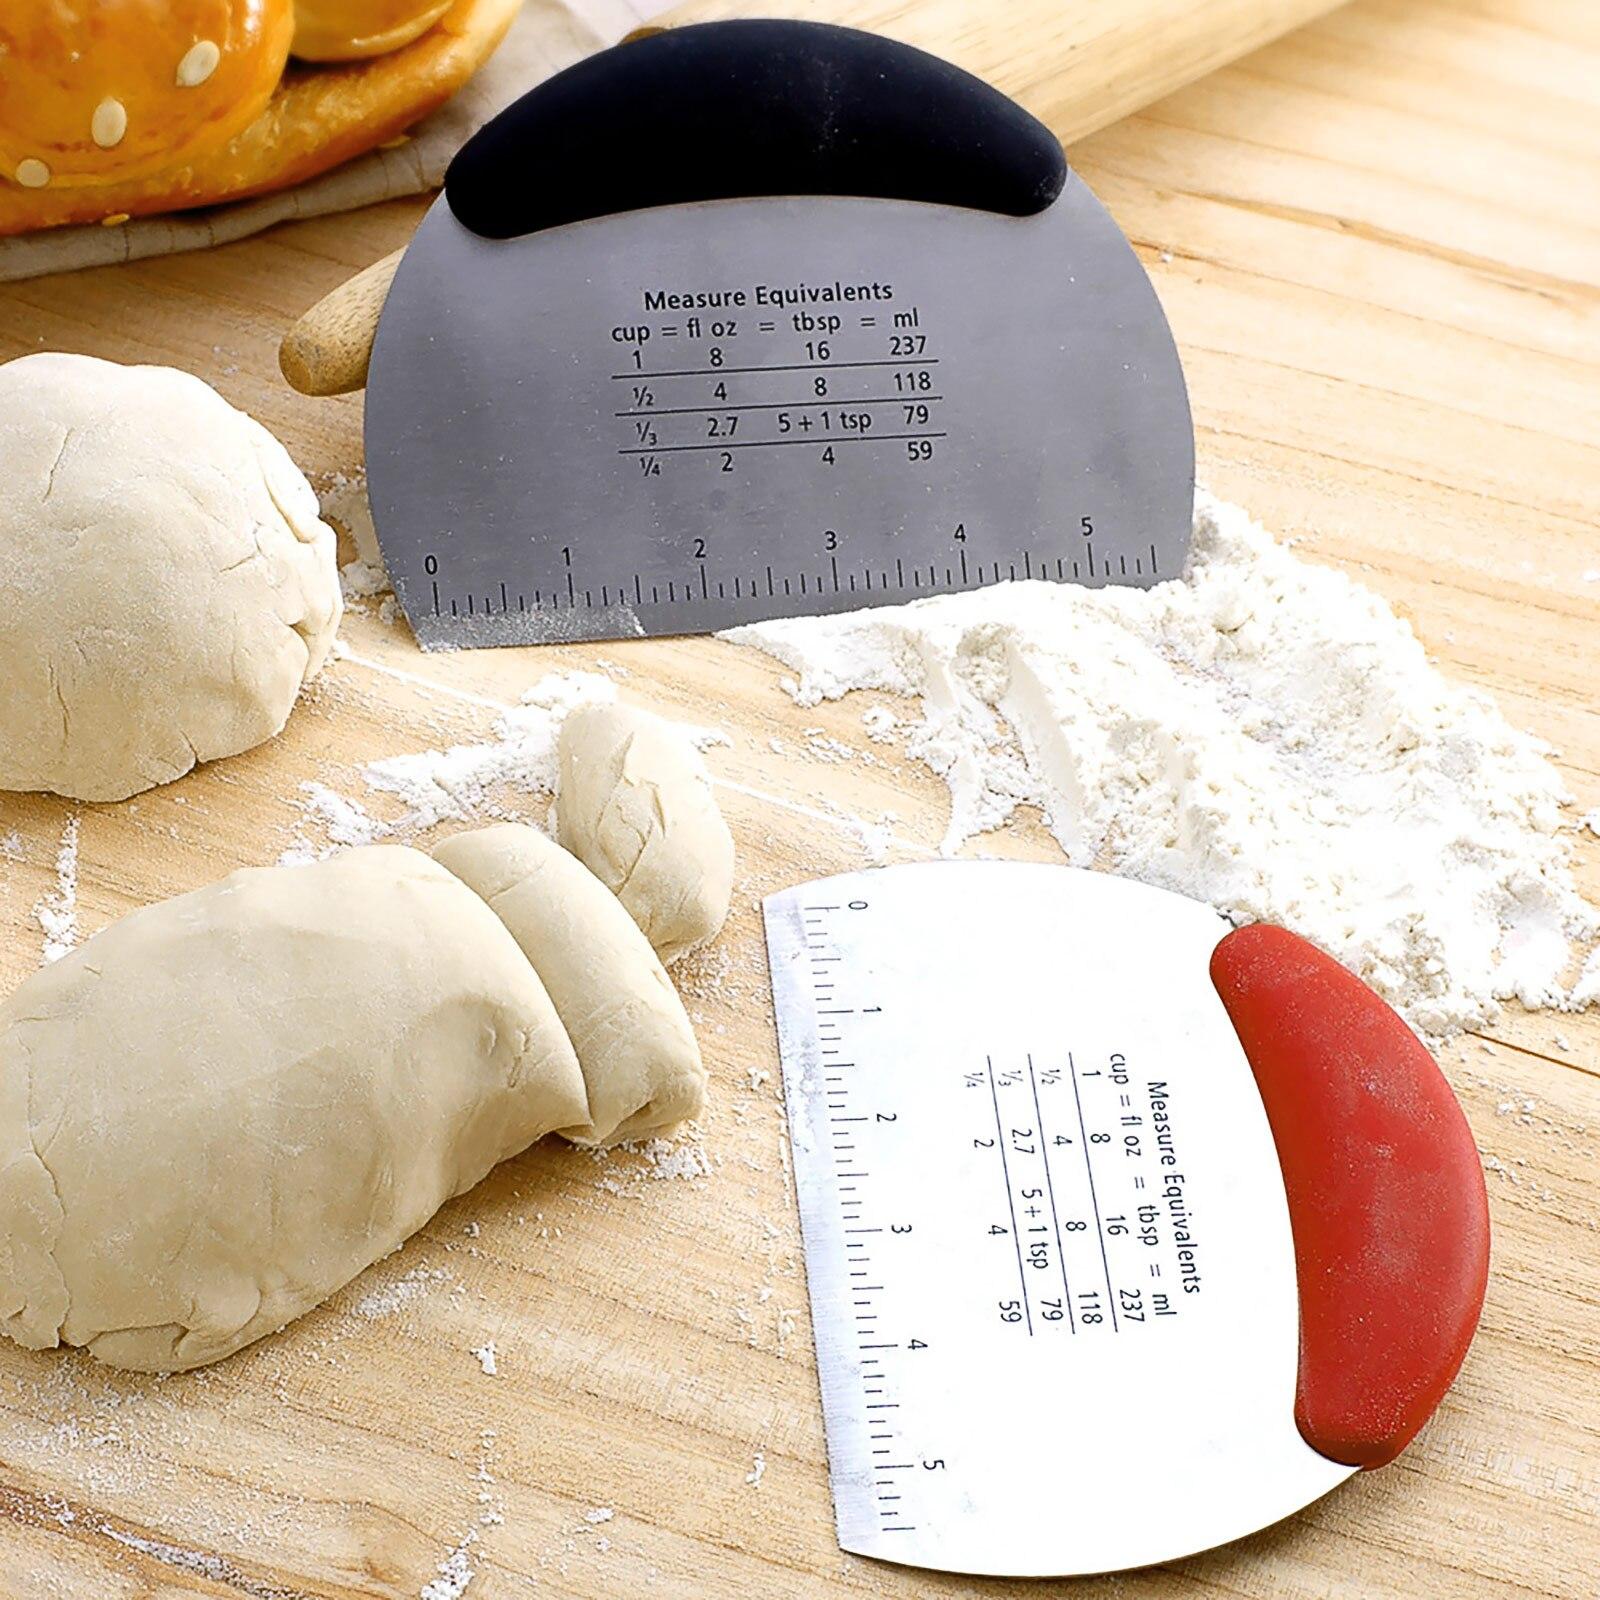 Acier inoxydable coupe-pâte professionnel crème lisse gâteau spatule cuisson grattoir polyvalent cuisine pain pâte outil de coupe